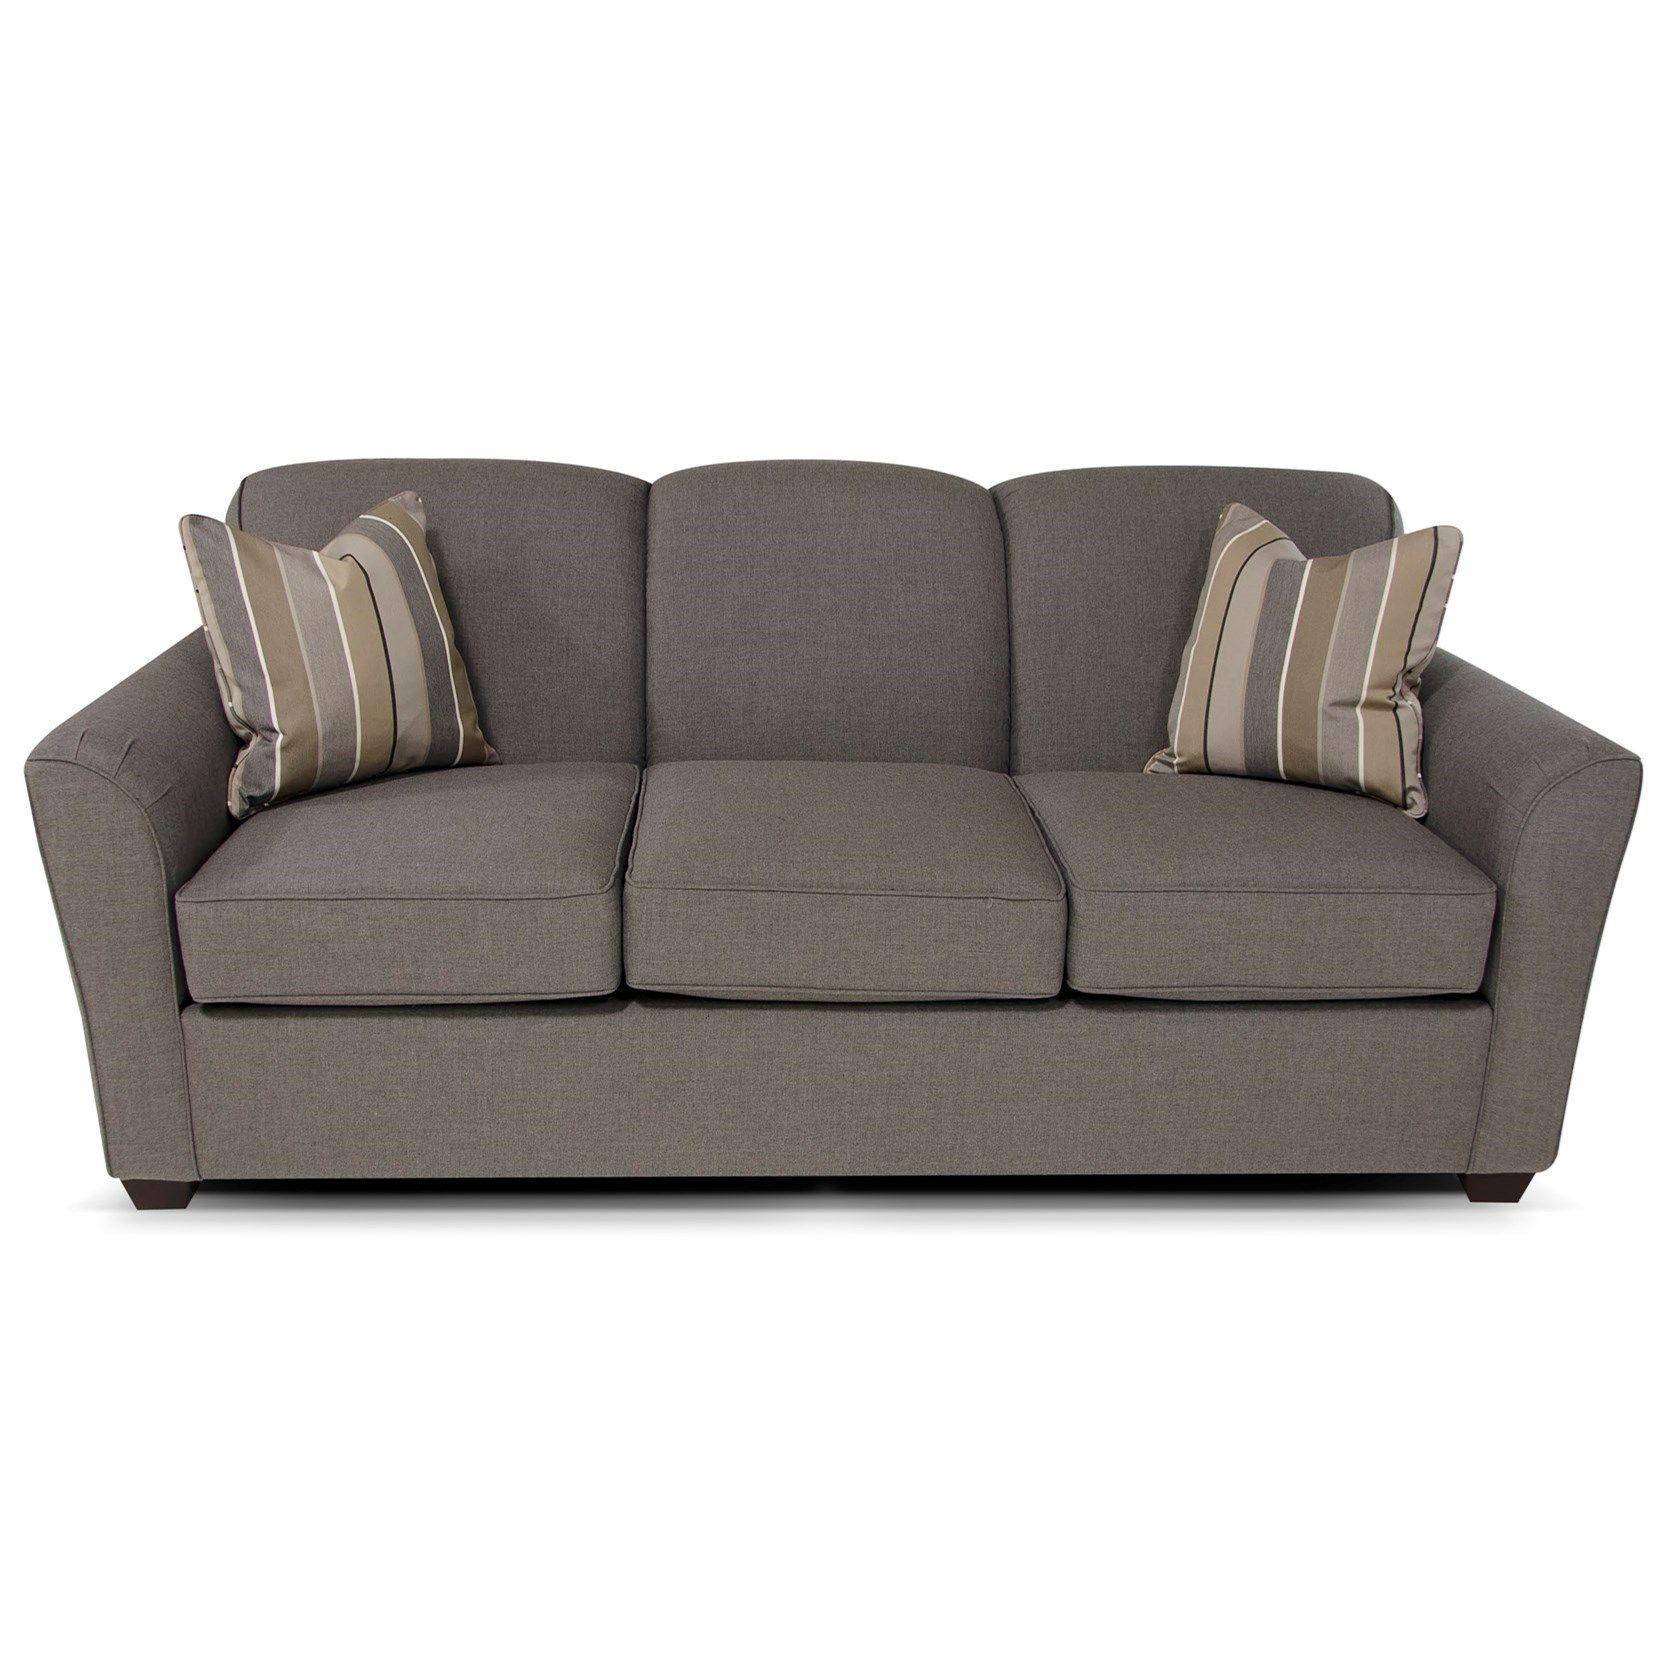 Air O Sofa: England Sleeper Sofa Mattress